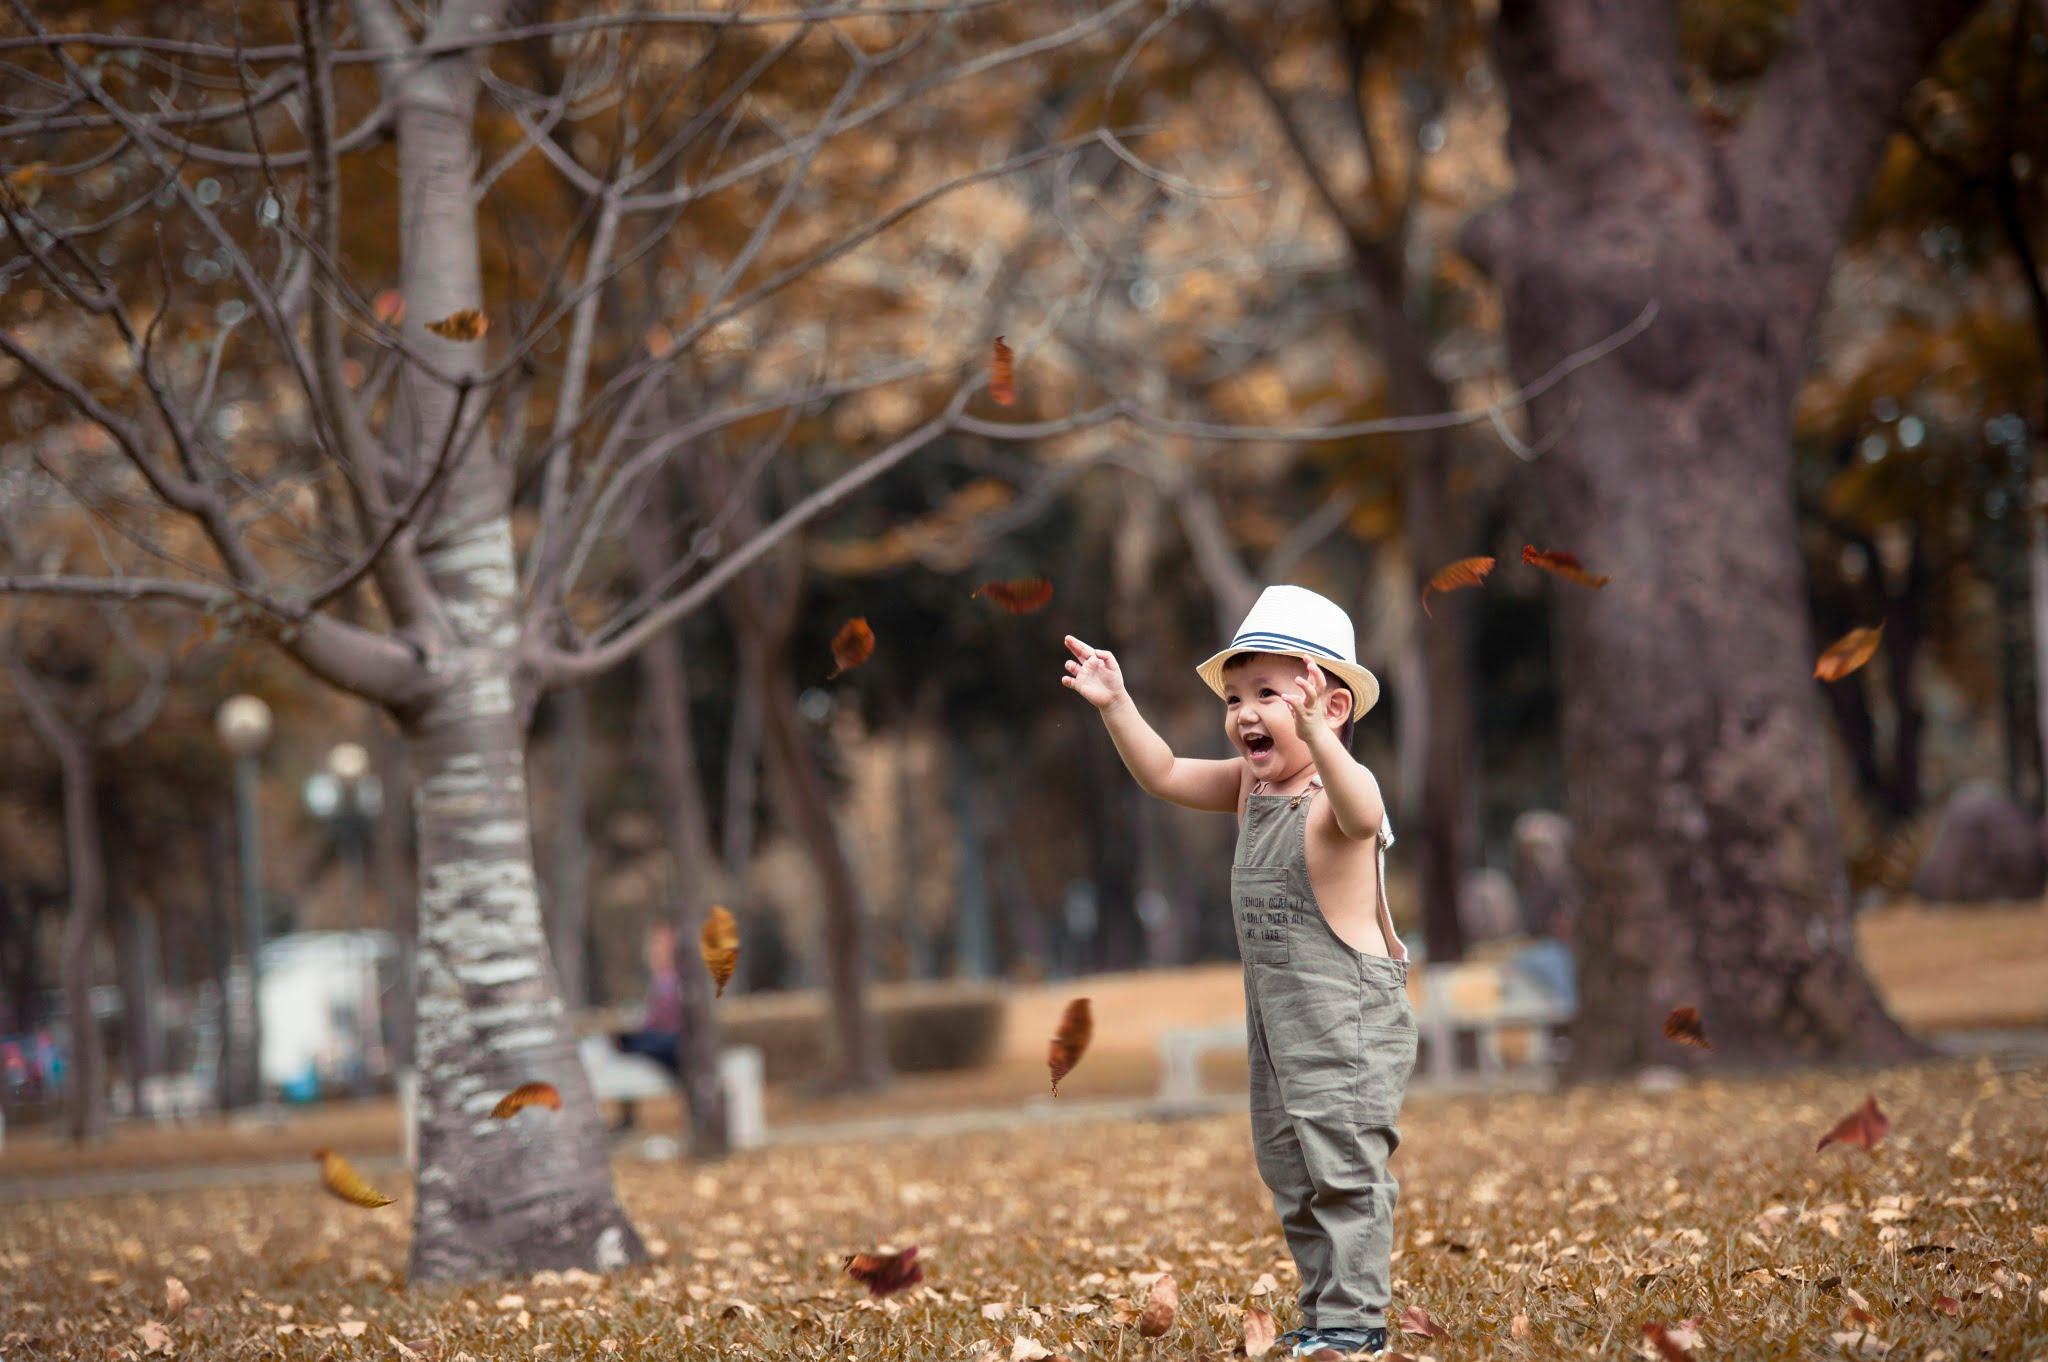 Judo 13 1 - Công viên Gia Định, địa điểm lý tưởng để chụp hình cho em bé